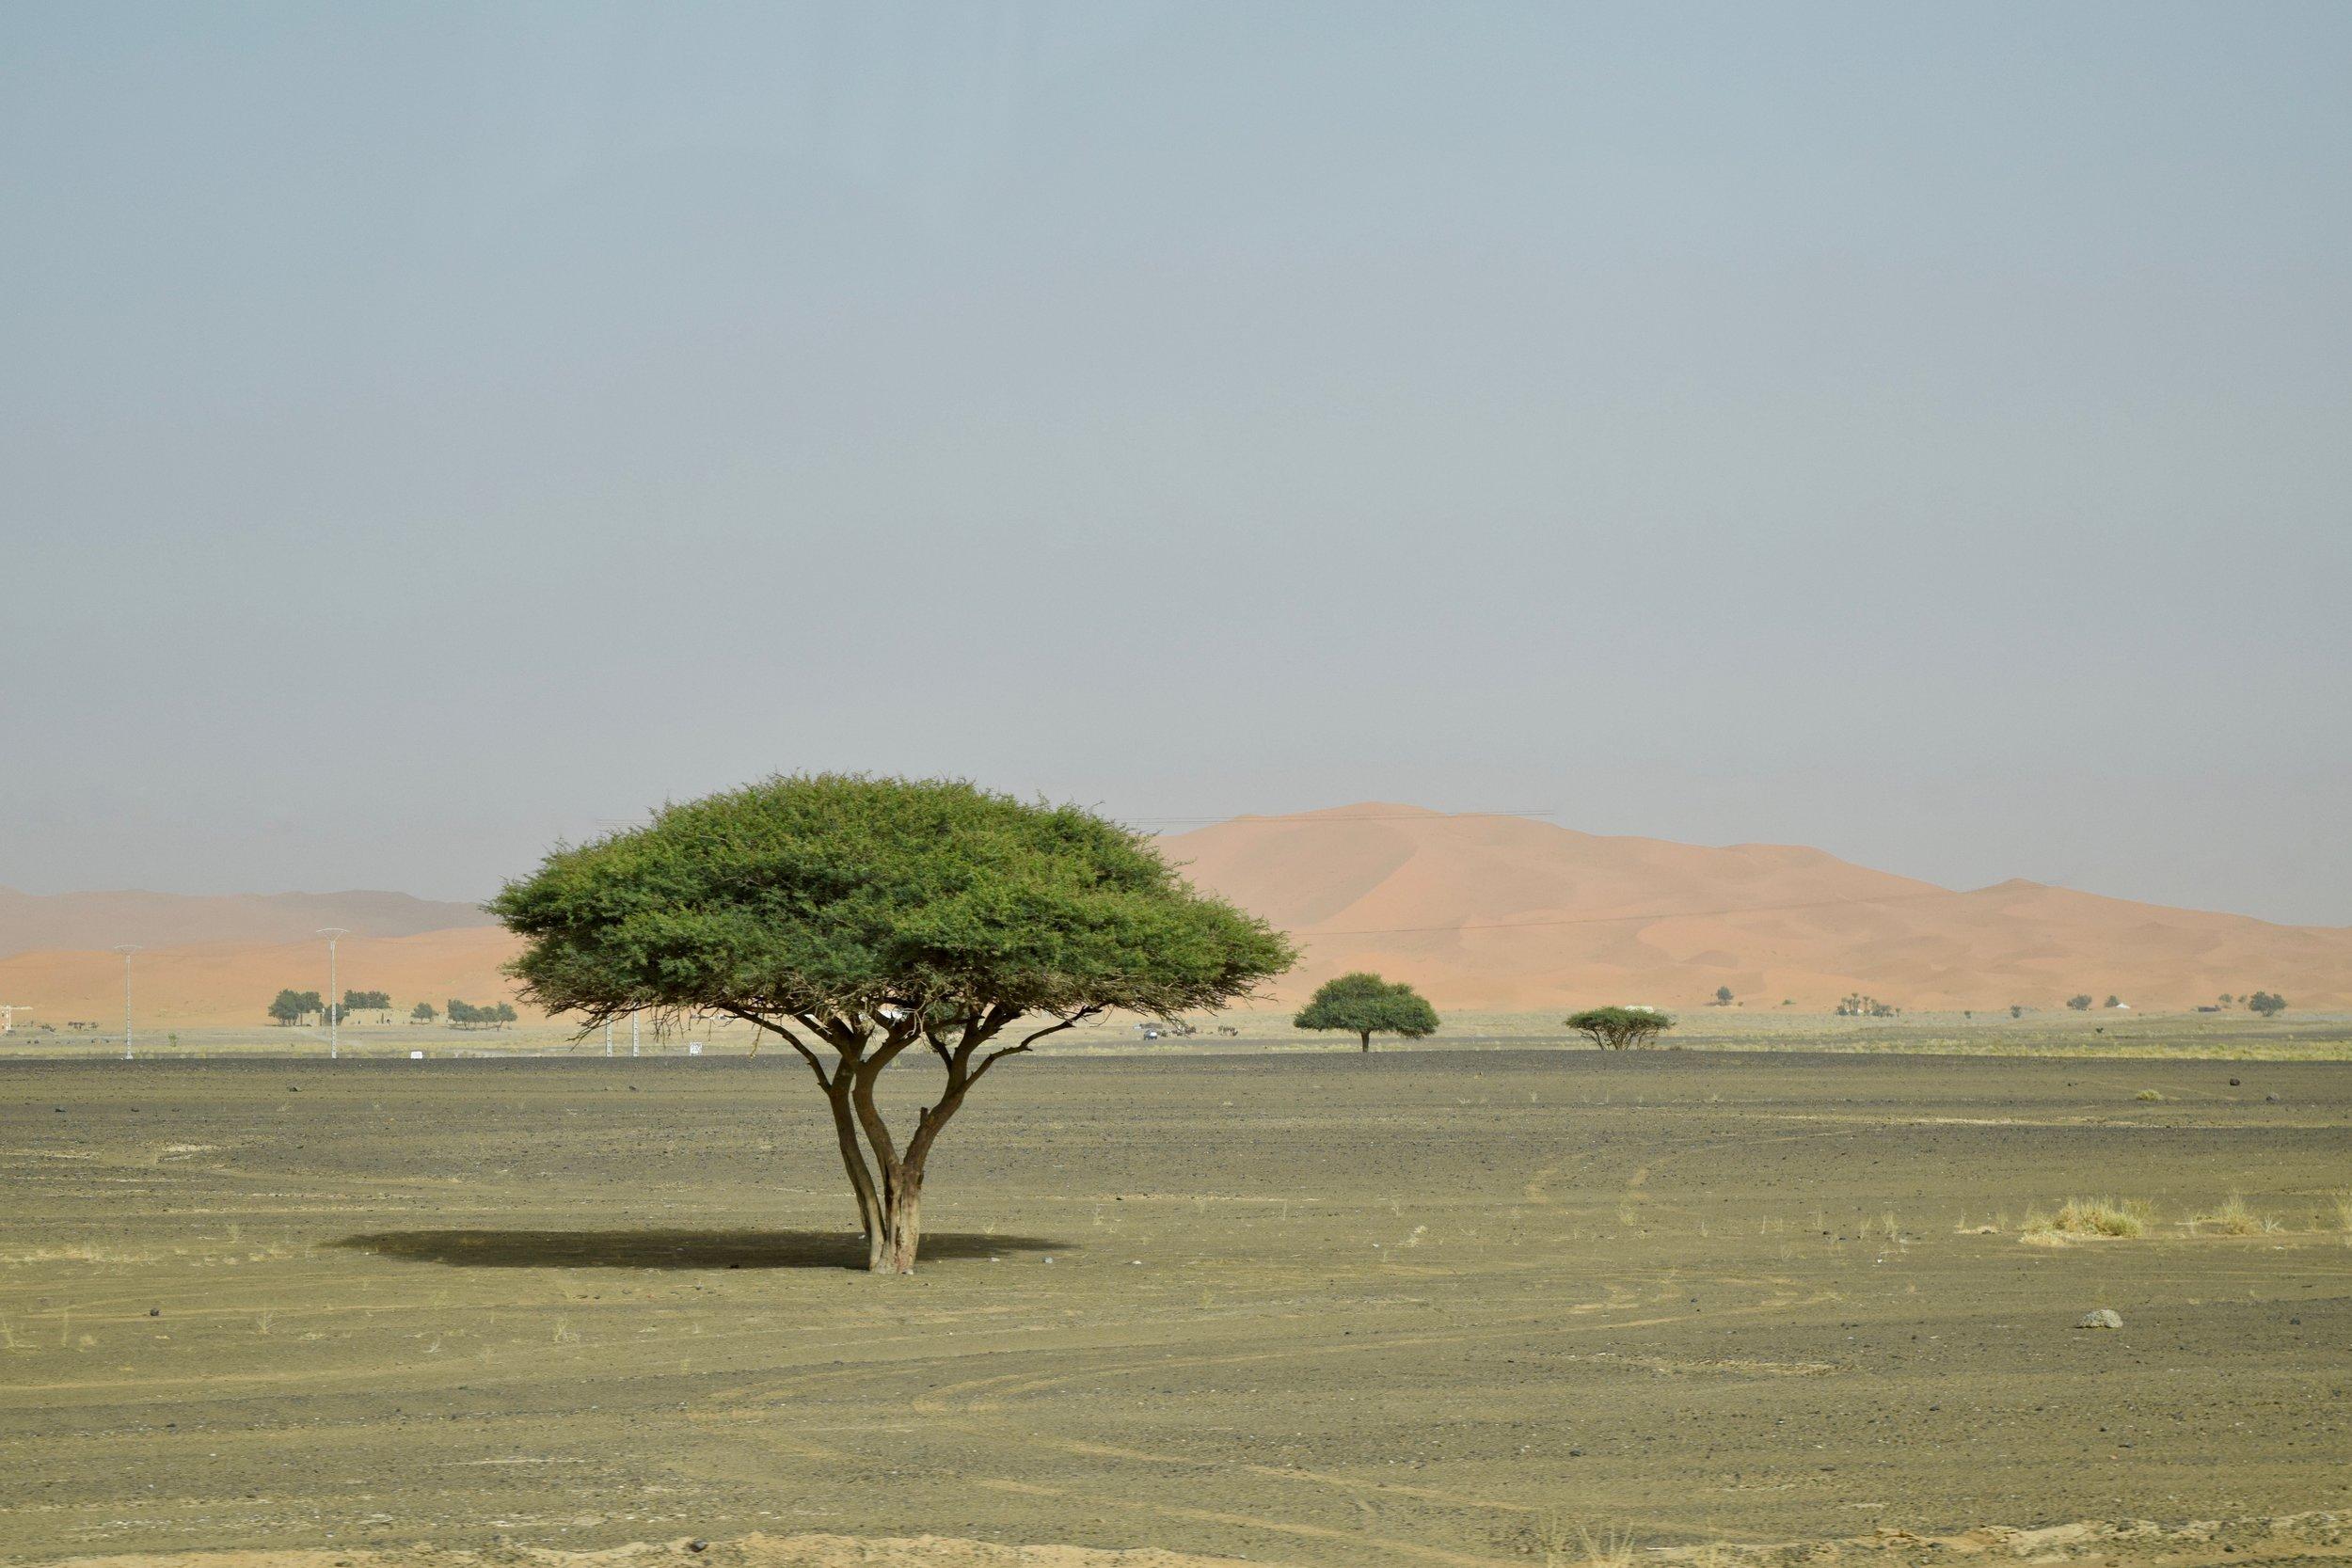 Entering the Sahara Desert